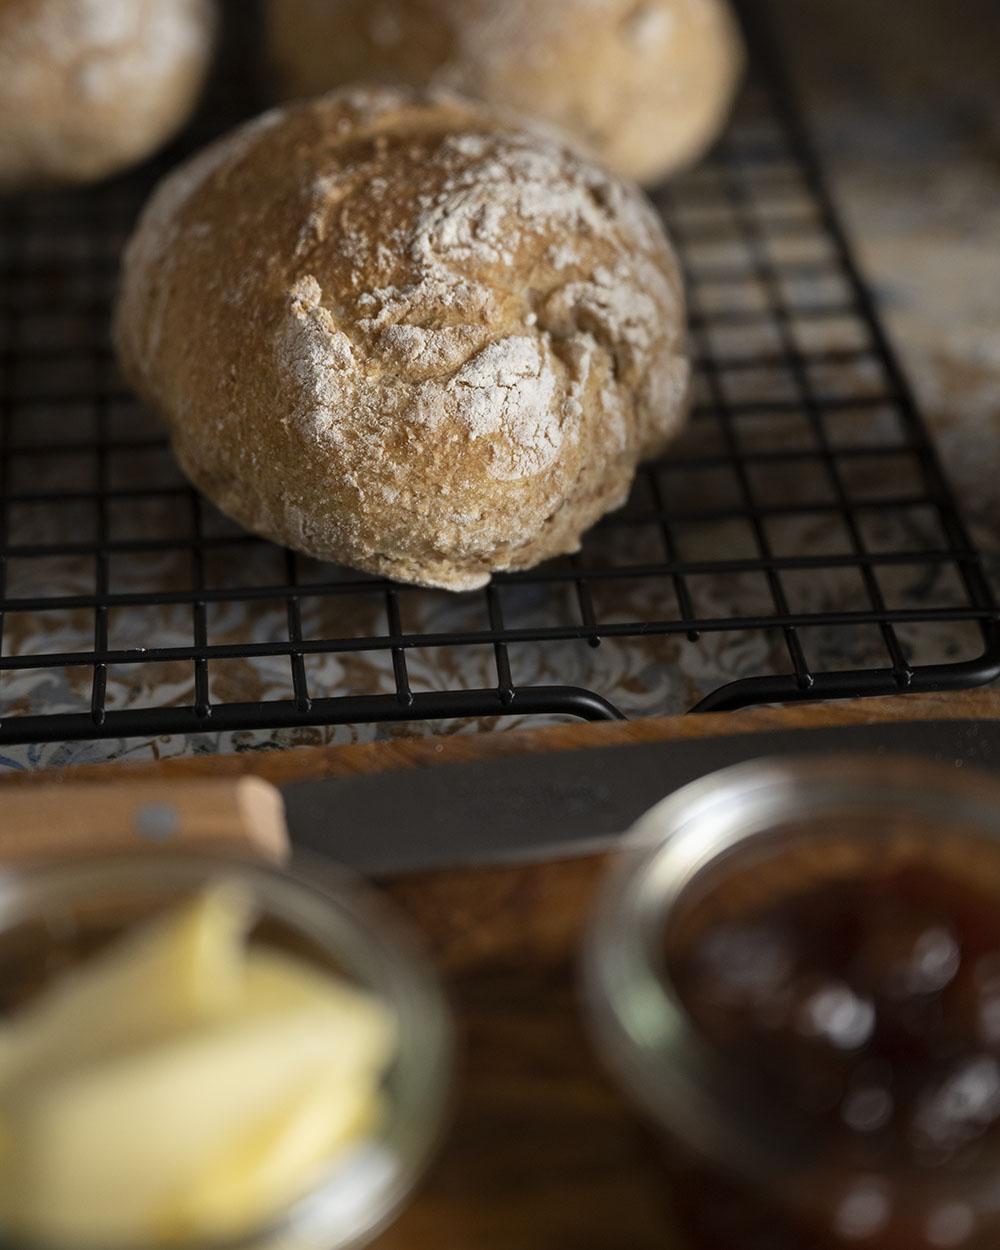 Seöbstgemachte Kartoffelbrötchen mit Butter und Marmelade